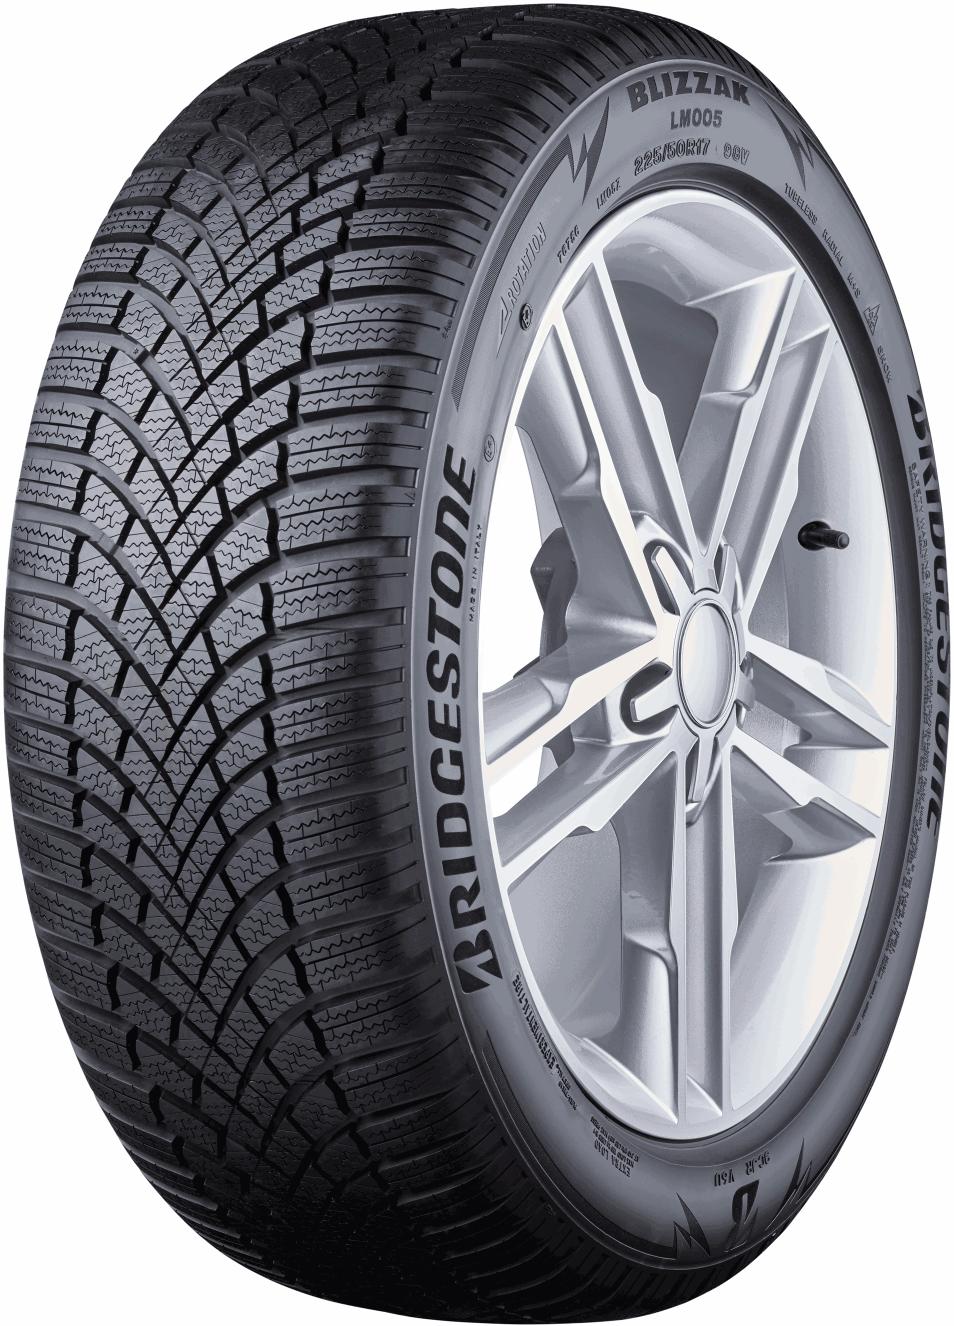 Bridgestone Blizzak Lm005 195/60 R 16 89H zimní